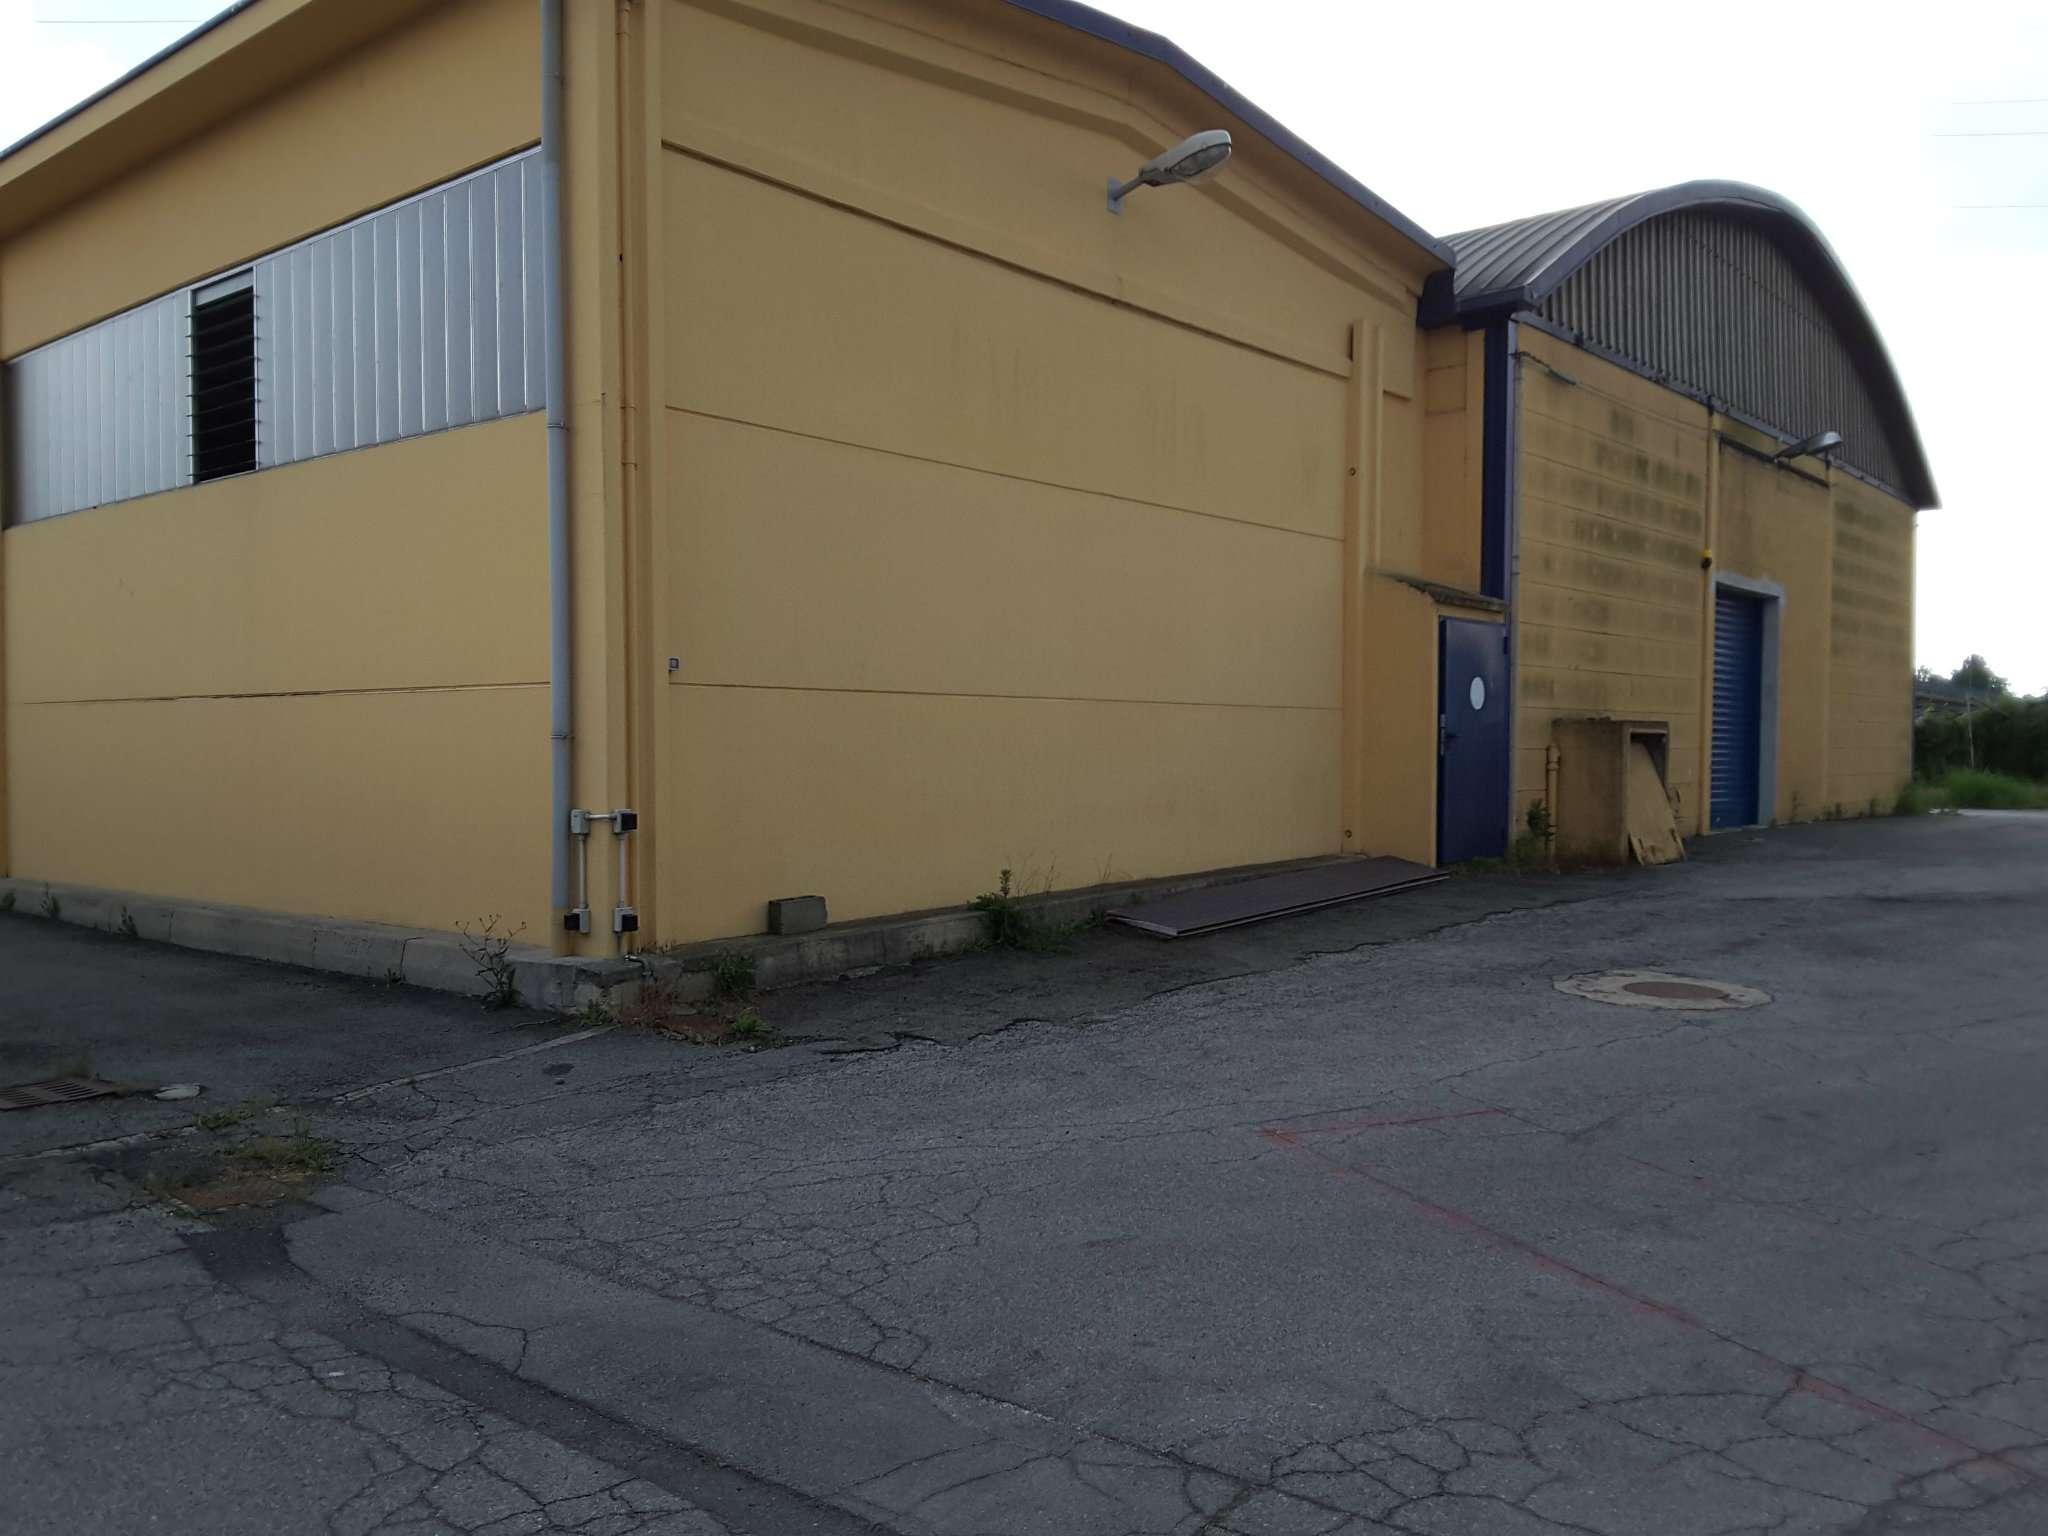 Immagine immobiliare Nichelino Capannone di 1200 mq circa con area esterna di 2000 mq circa Disponiamo in zona industriale di Nichelino capannone di 1200 mq circa suddiviso in due campate di 600 mq circa la campata più recente è del 2008 ha un...